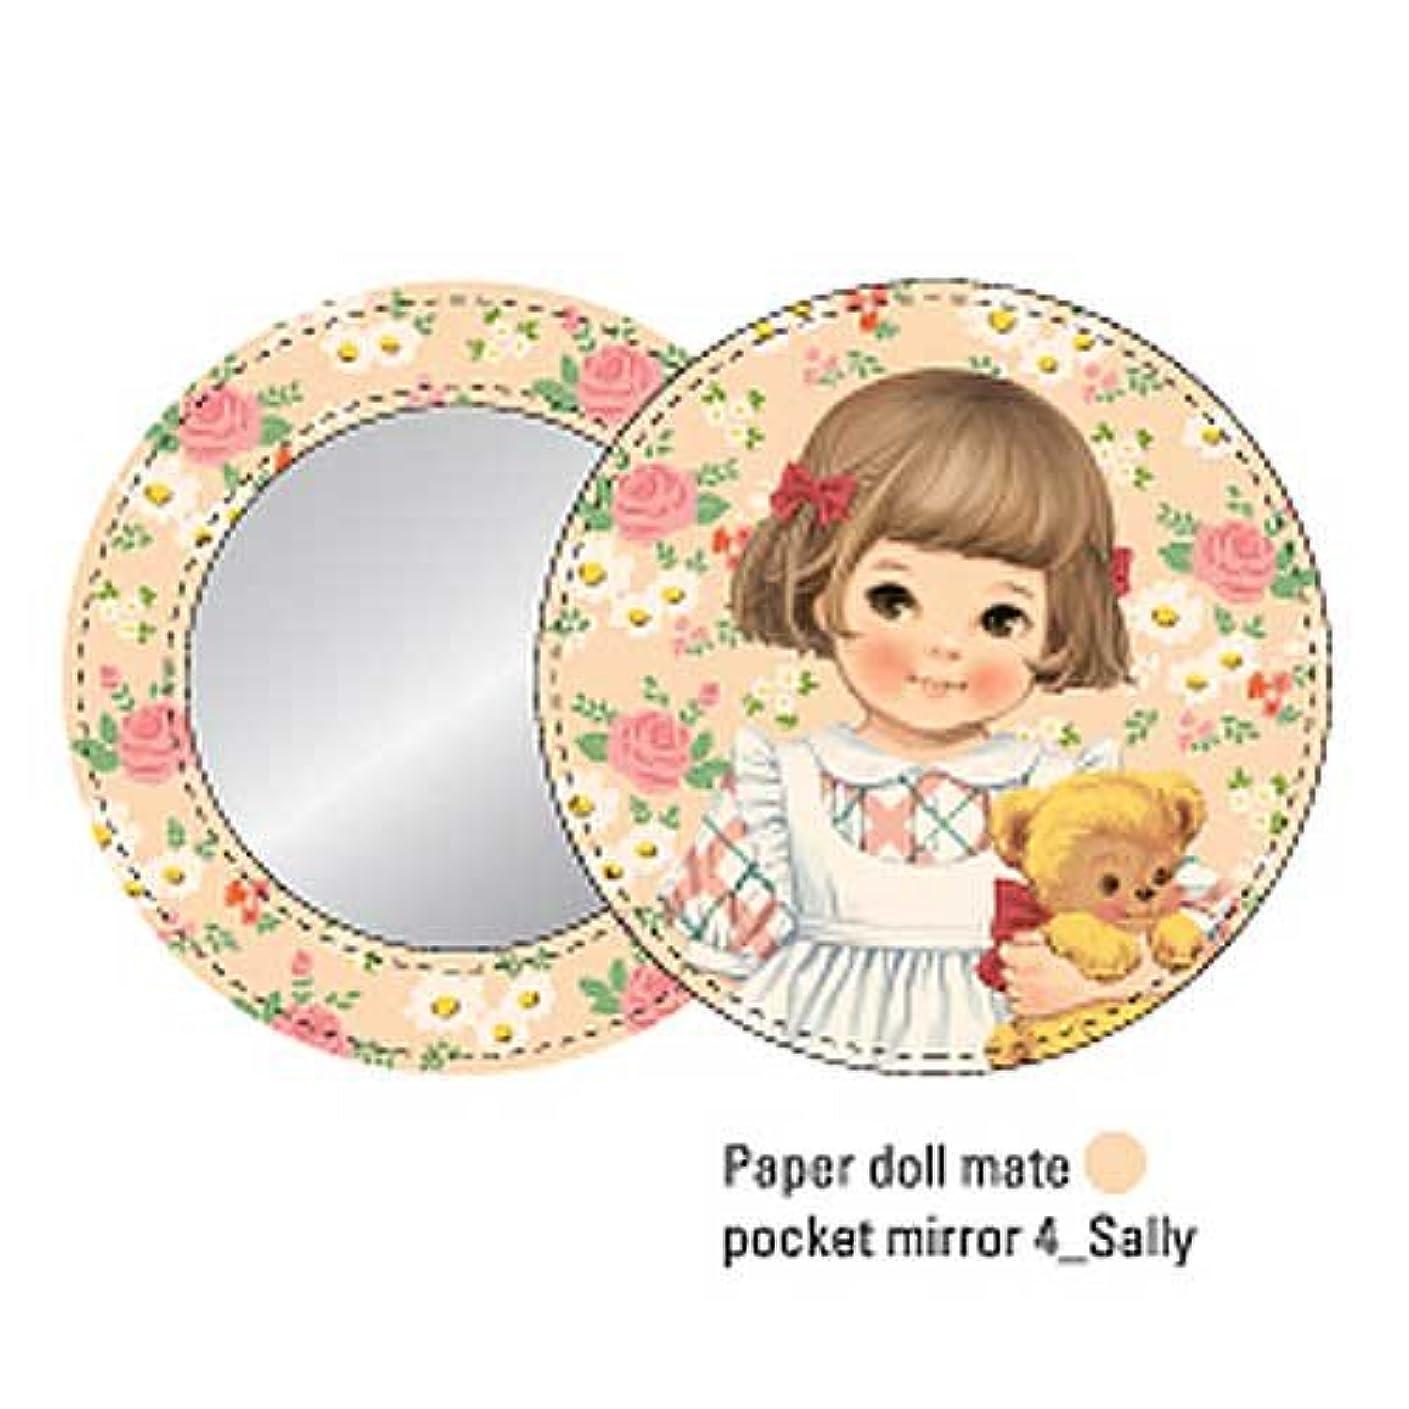 不健康瞑想的ポータルペーパードールメイト/丸くて可愛いポケットミラー (ver4-Sally)